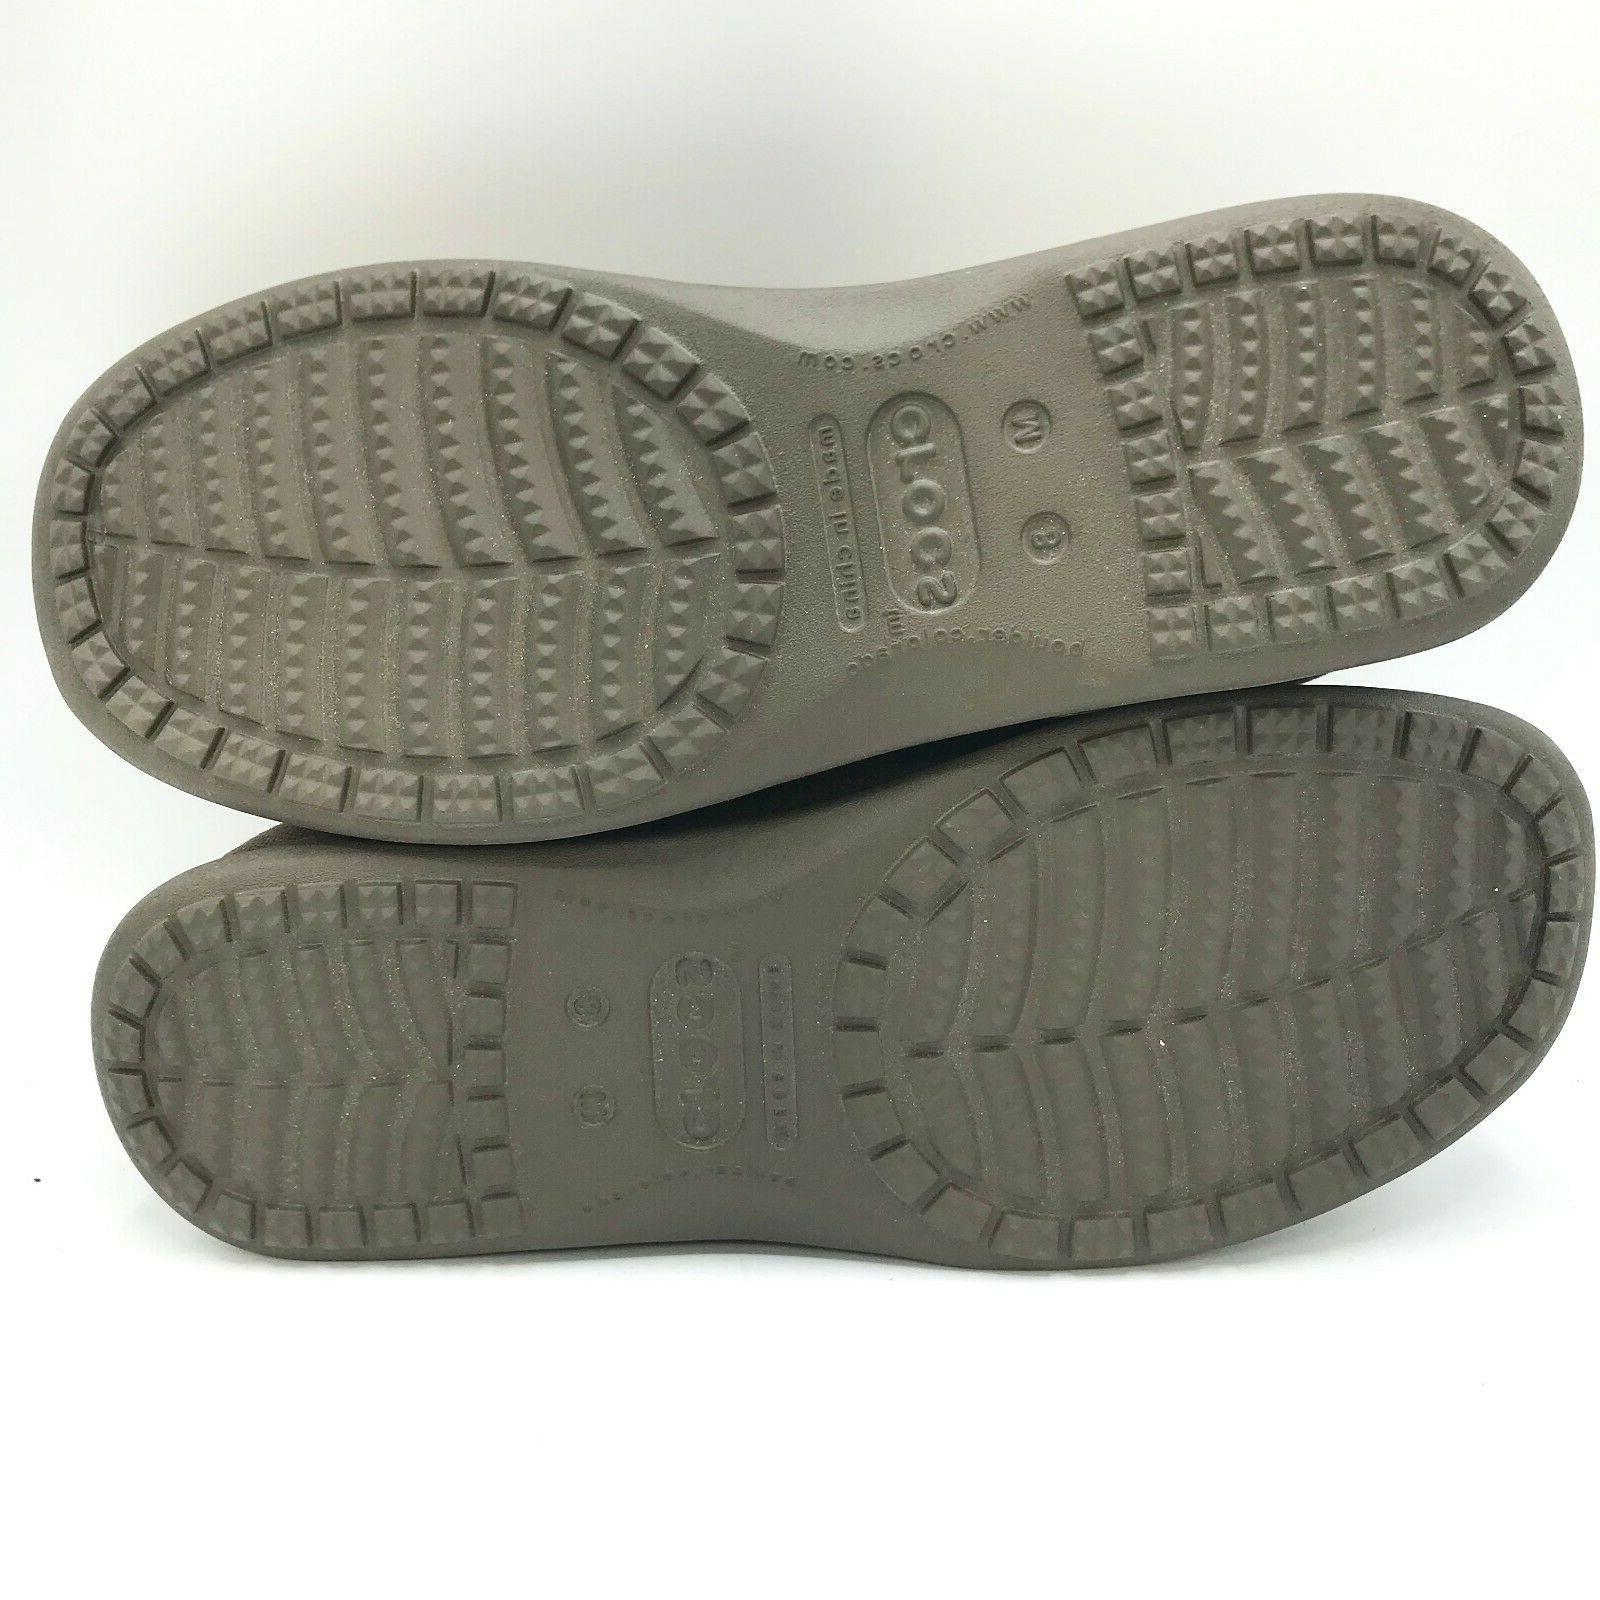 CROCS Mens Venture Canvas Oxford Up Shoe Size